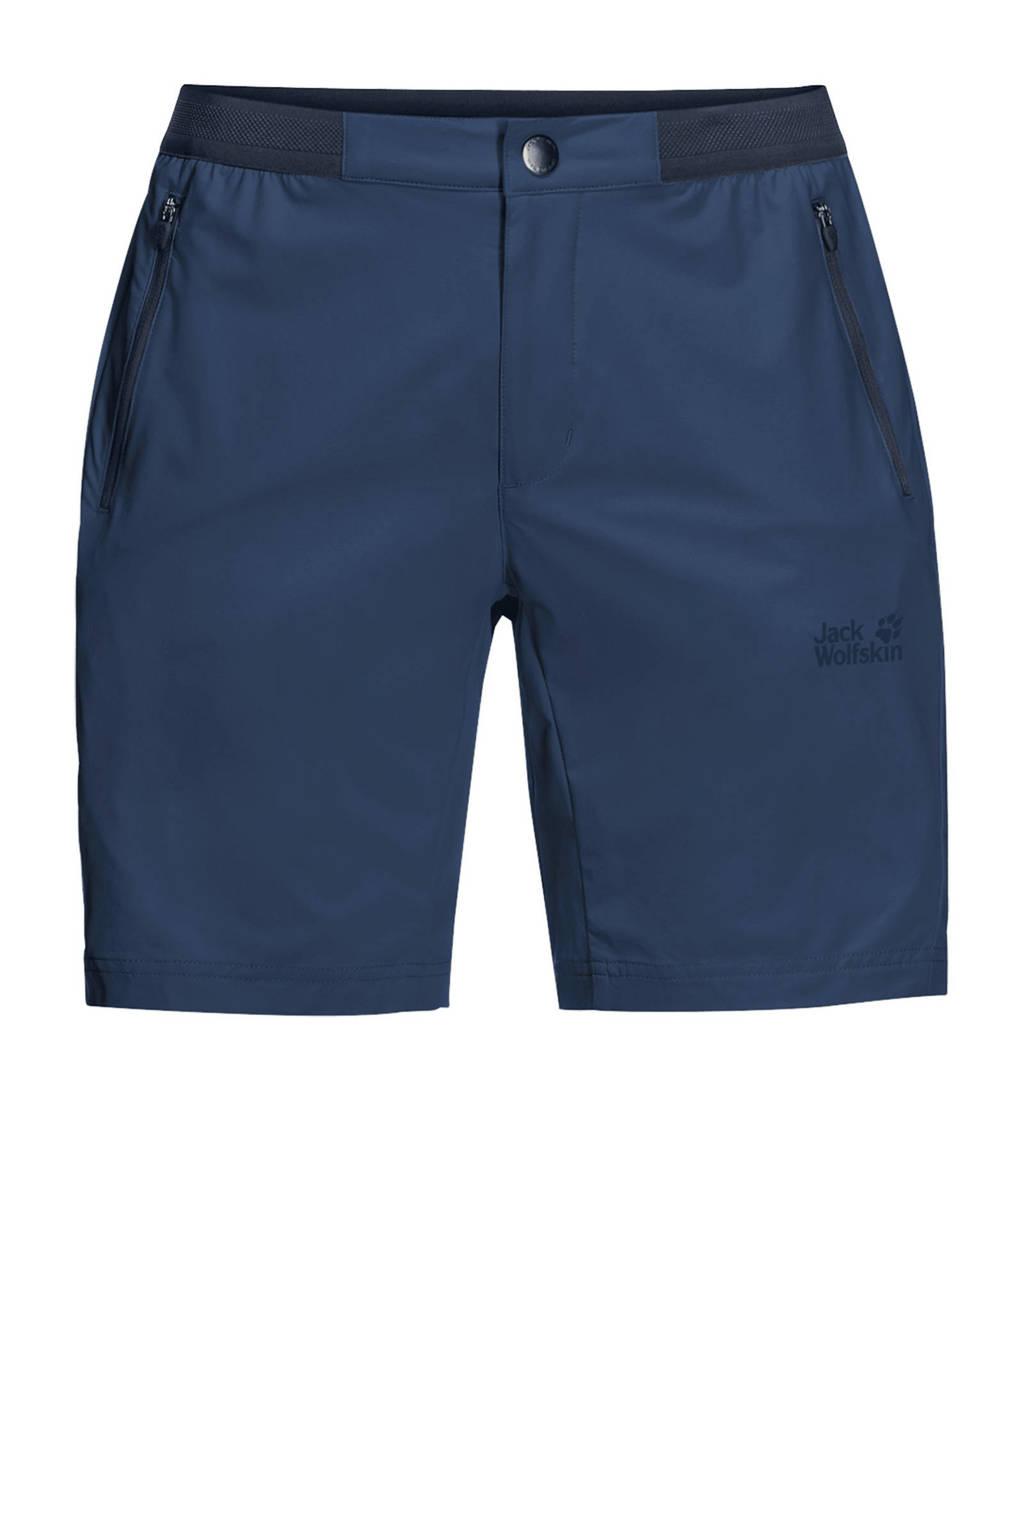 Jack Wolfskin korte outdoor broek donkerblauw, Dark-Indigo